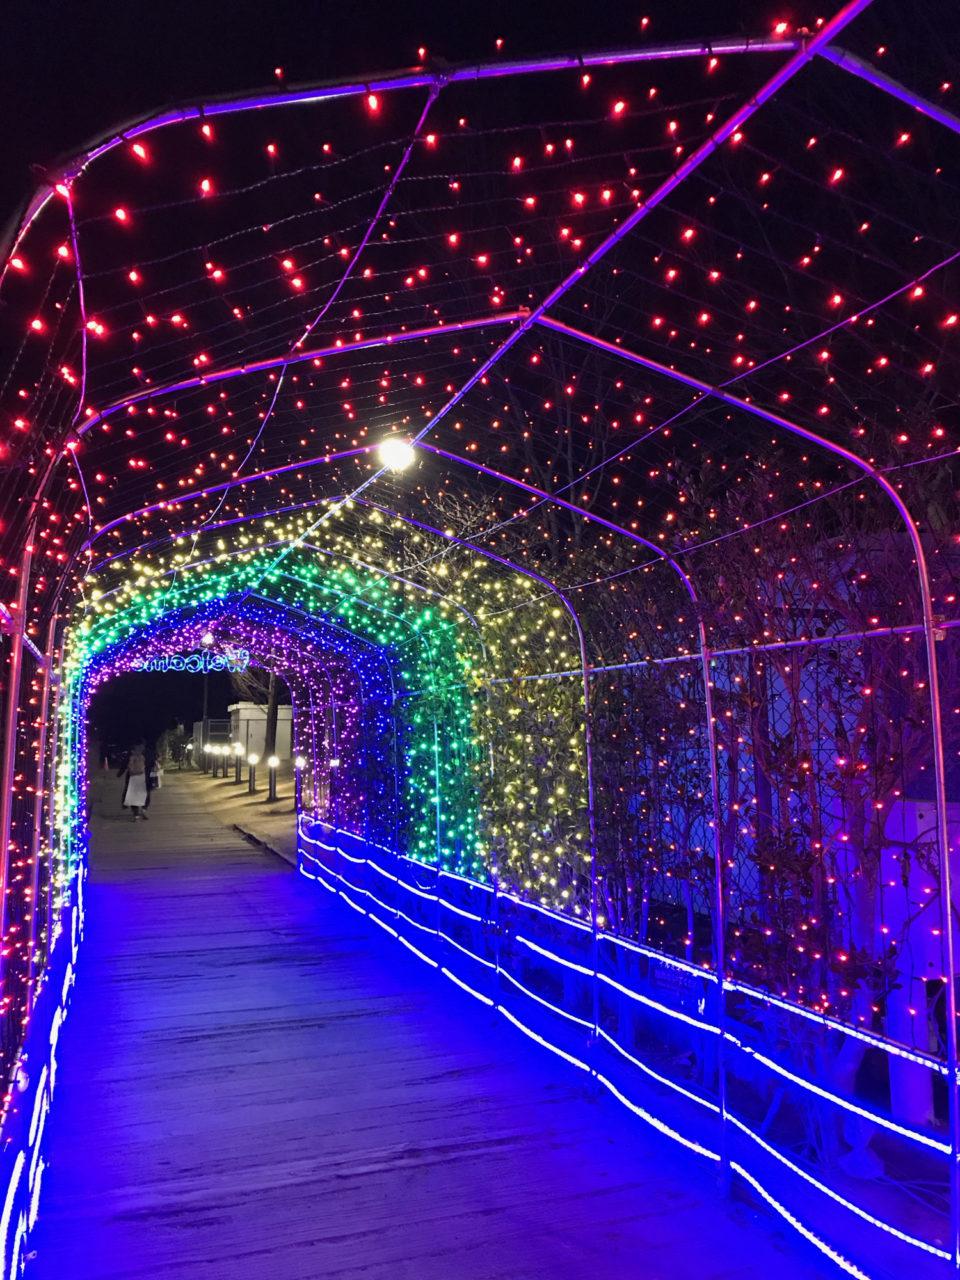 イルミネーションのトンネル